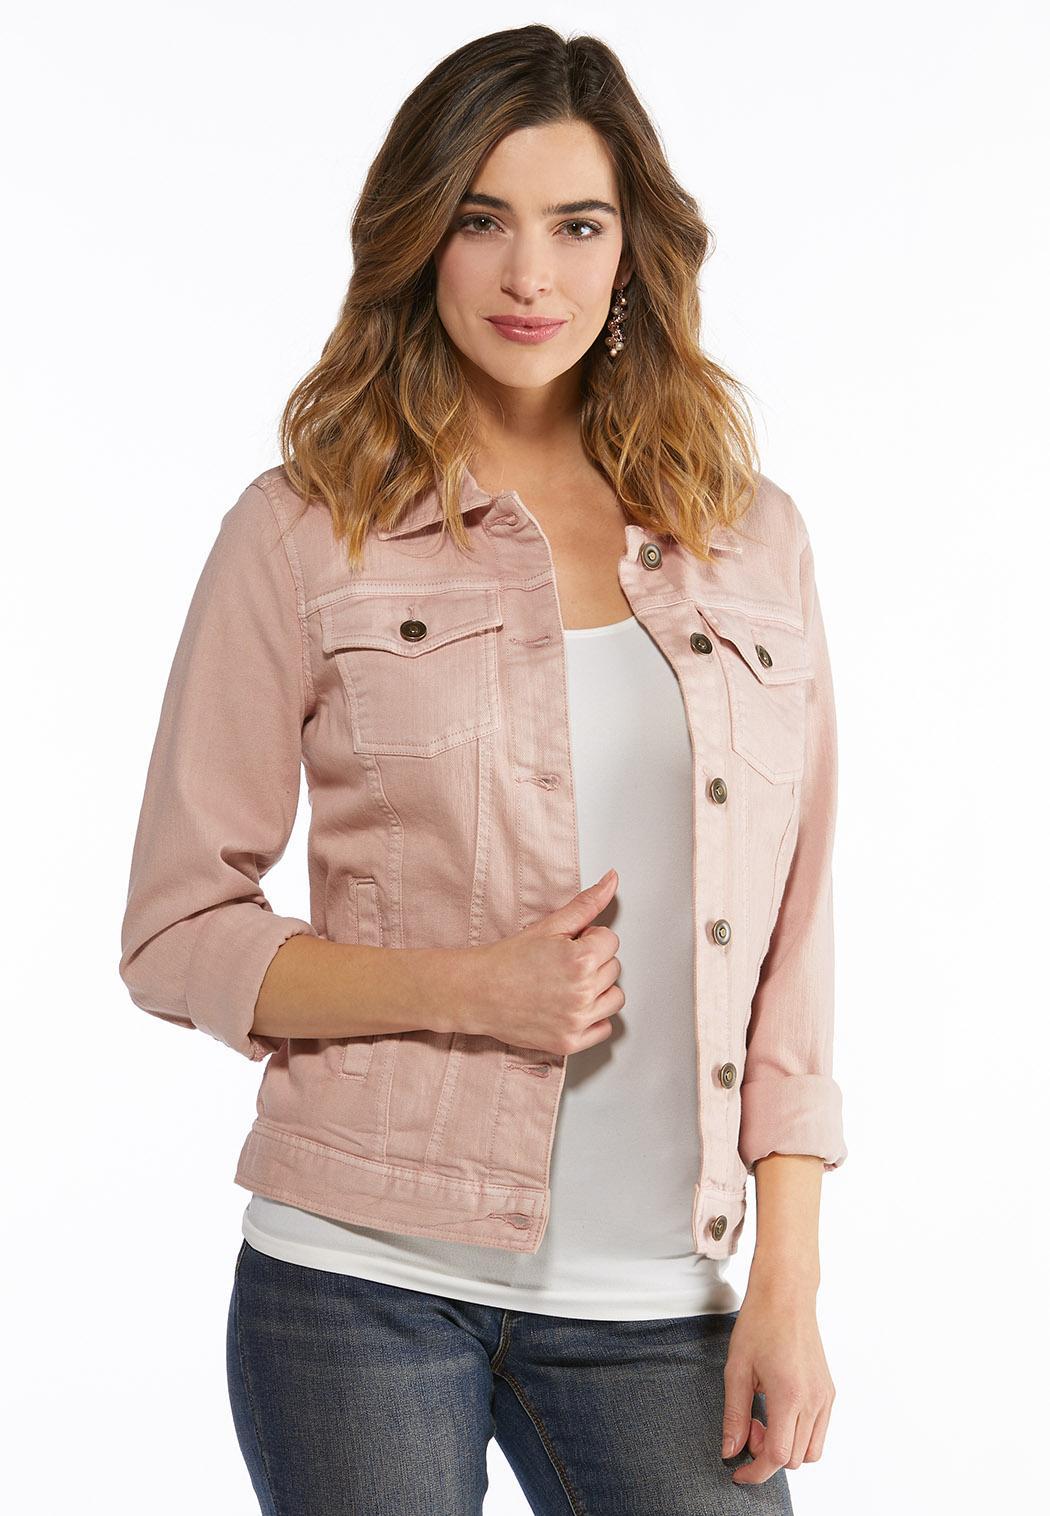 Blush Denim Jacket